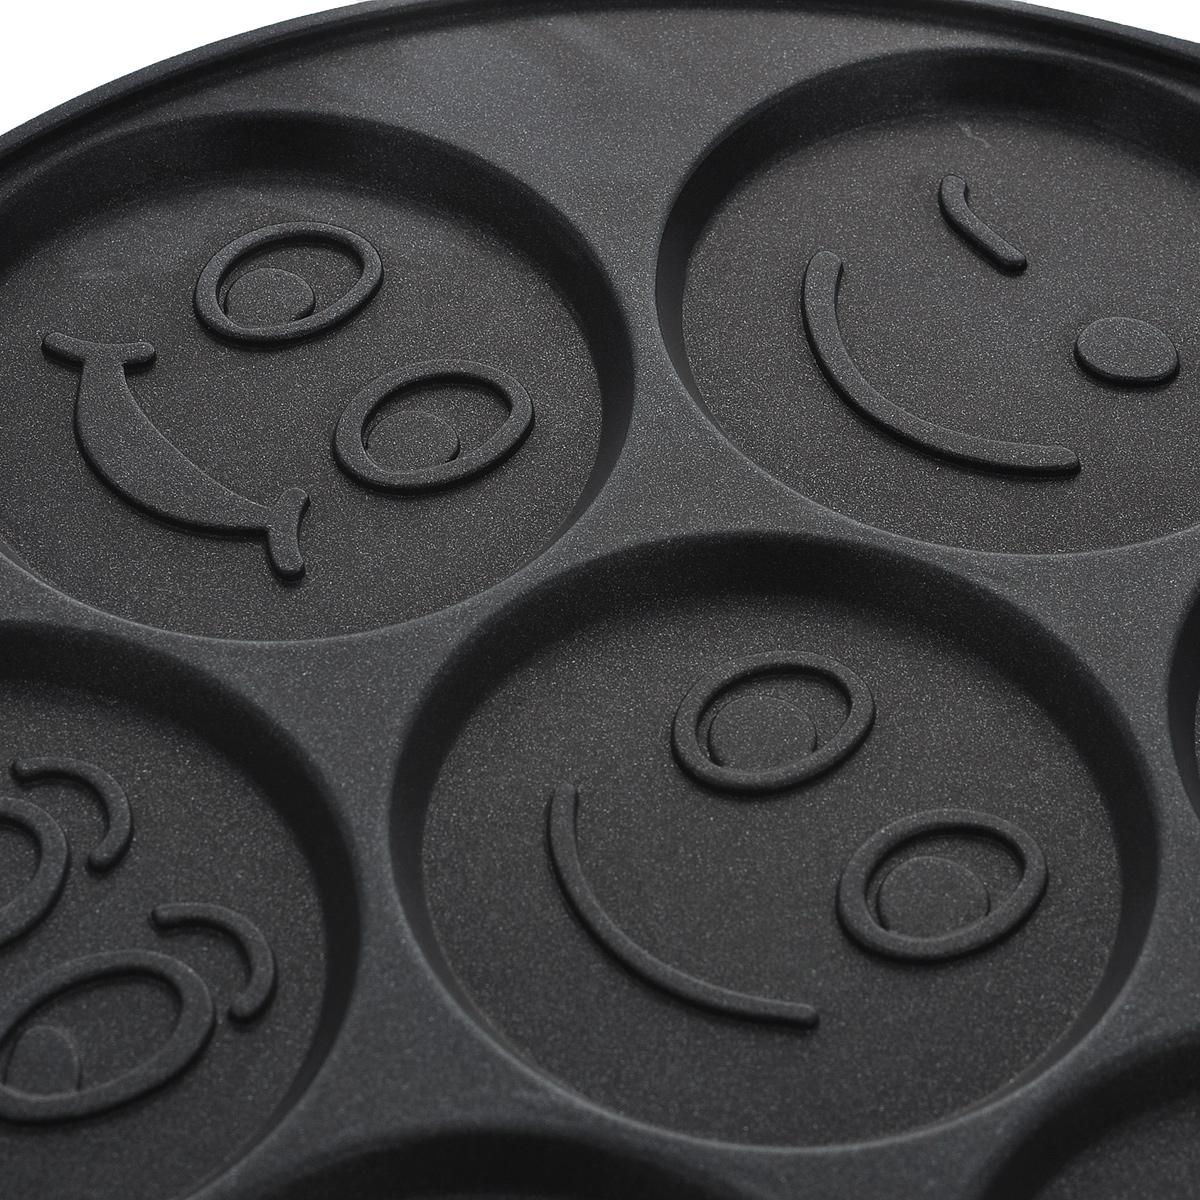 """Сковорода """"Travola"""" изготовлена из алюминия с внутренним антипригарным покрытием. Благодаря этому пища не  пригорает и не прилипает к стенкам. Сковорода имеет семь секции для приготовления блинчиков и оладий.  Отличительной особенностью является то, что на дне каждой ячейки имеется забавная рожица.  Готовить можно с минимальным количеством масла и жиров. Гладкая поверхность обеспечивает легкость ухода за  посудой. Изделие оснащено удобной бакелитовой ручкой, которая не нагревается в процессе готовки. Готовить с такой  сковородой легко. А благодаря незатейливому дизайну не оставит ваших близких равнодушных. Сковорода подходит для индукционных и газовых плит.Диаметр ячейки: 8 см. Длина ручки: 19,5 см."""